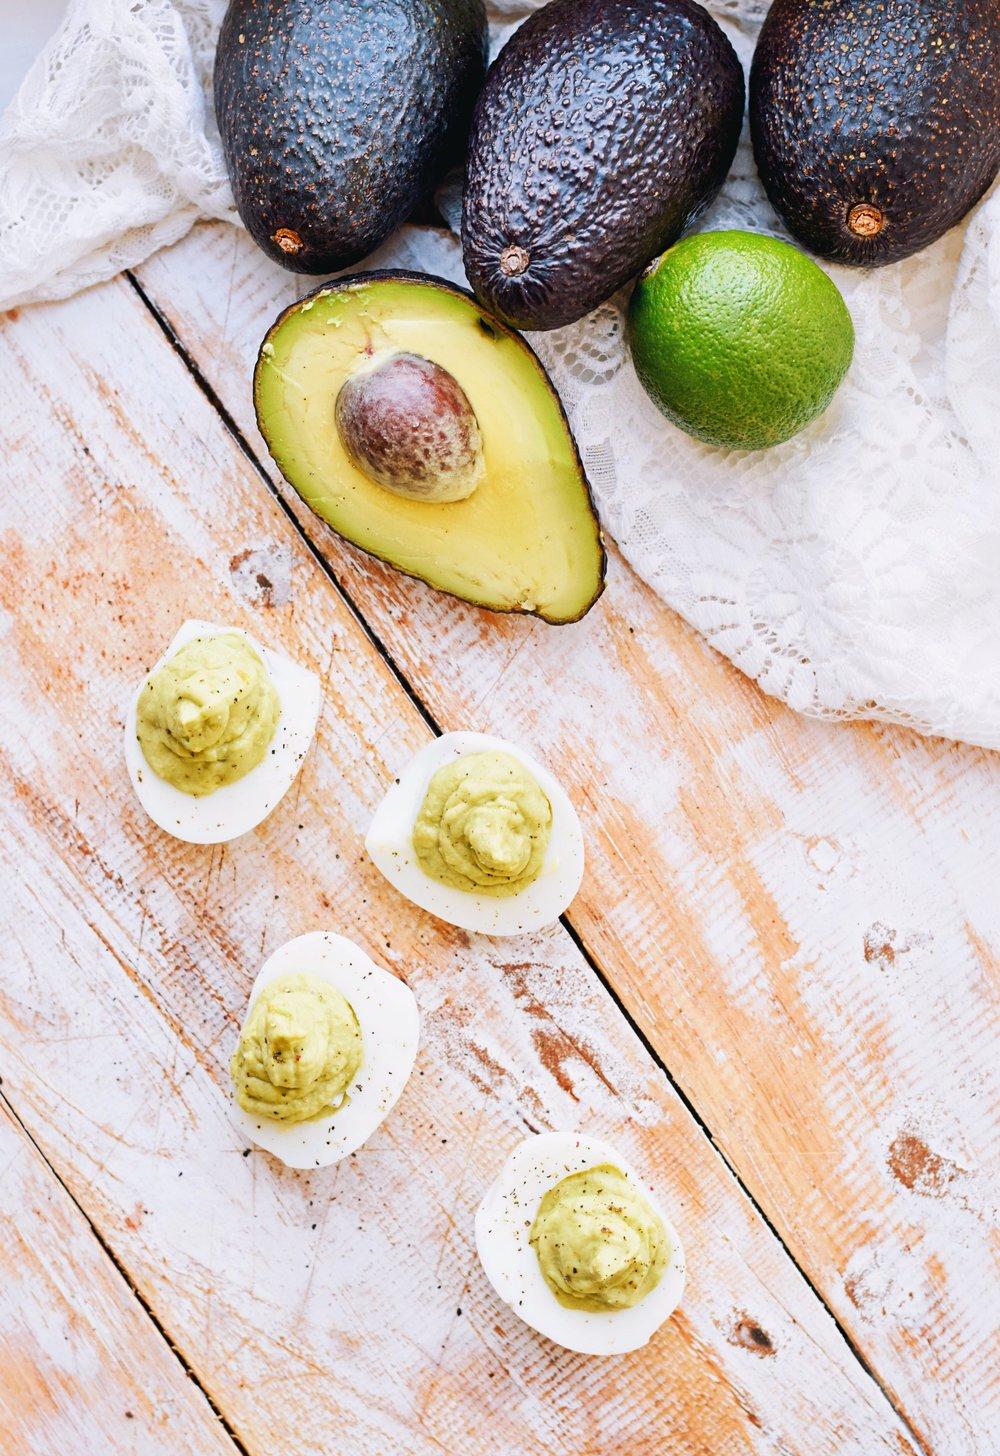 Pasen recept | gevulde eitjes met avocado | Pasen 2018